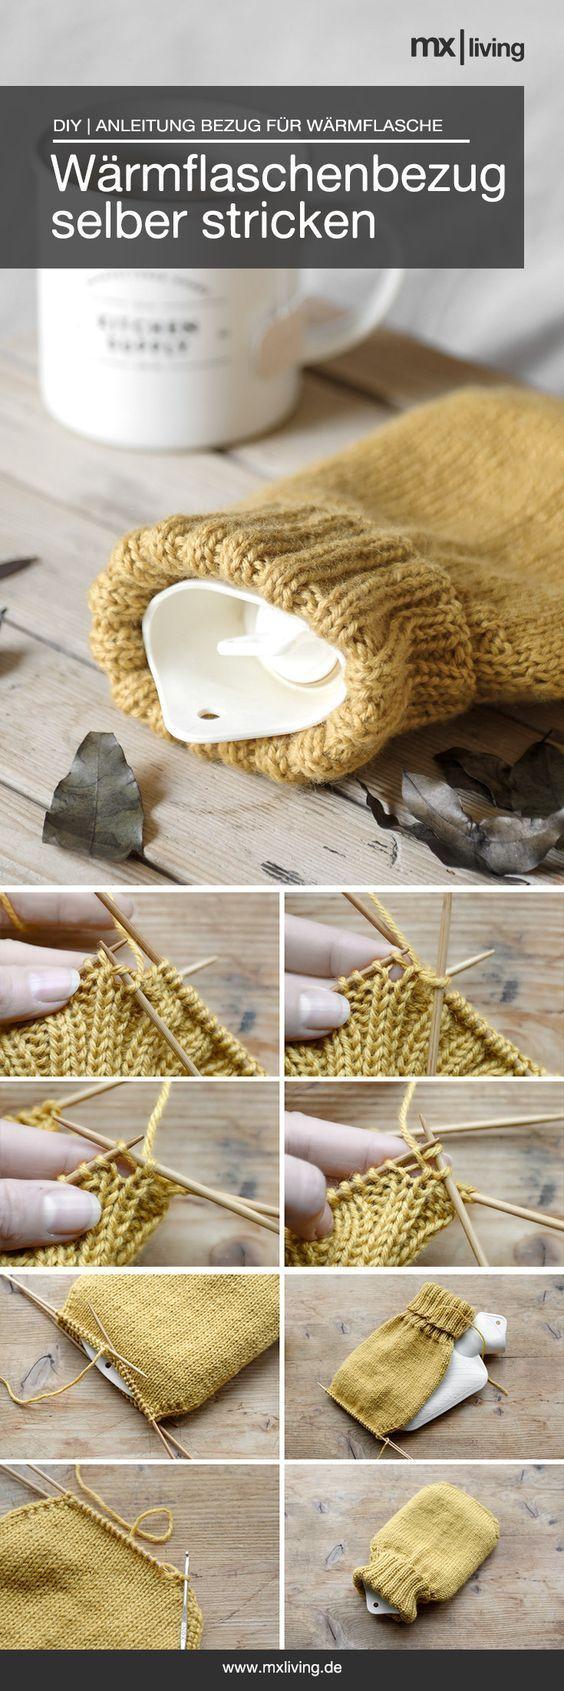 DIY | Wärmflaschenbezug stricken - mxliving #tejidos Einen einfachen und schön...